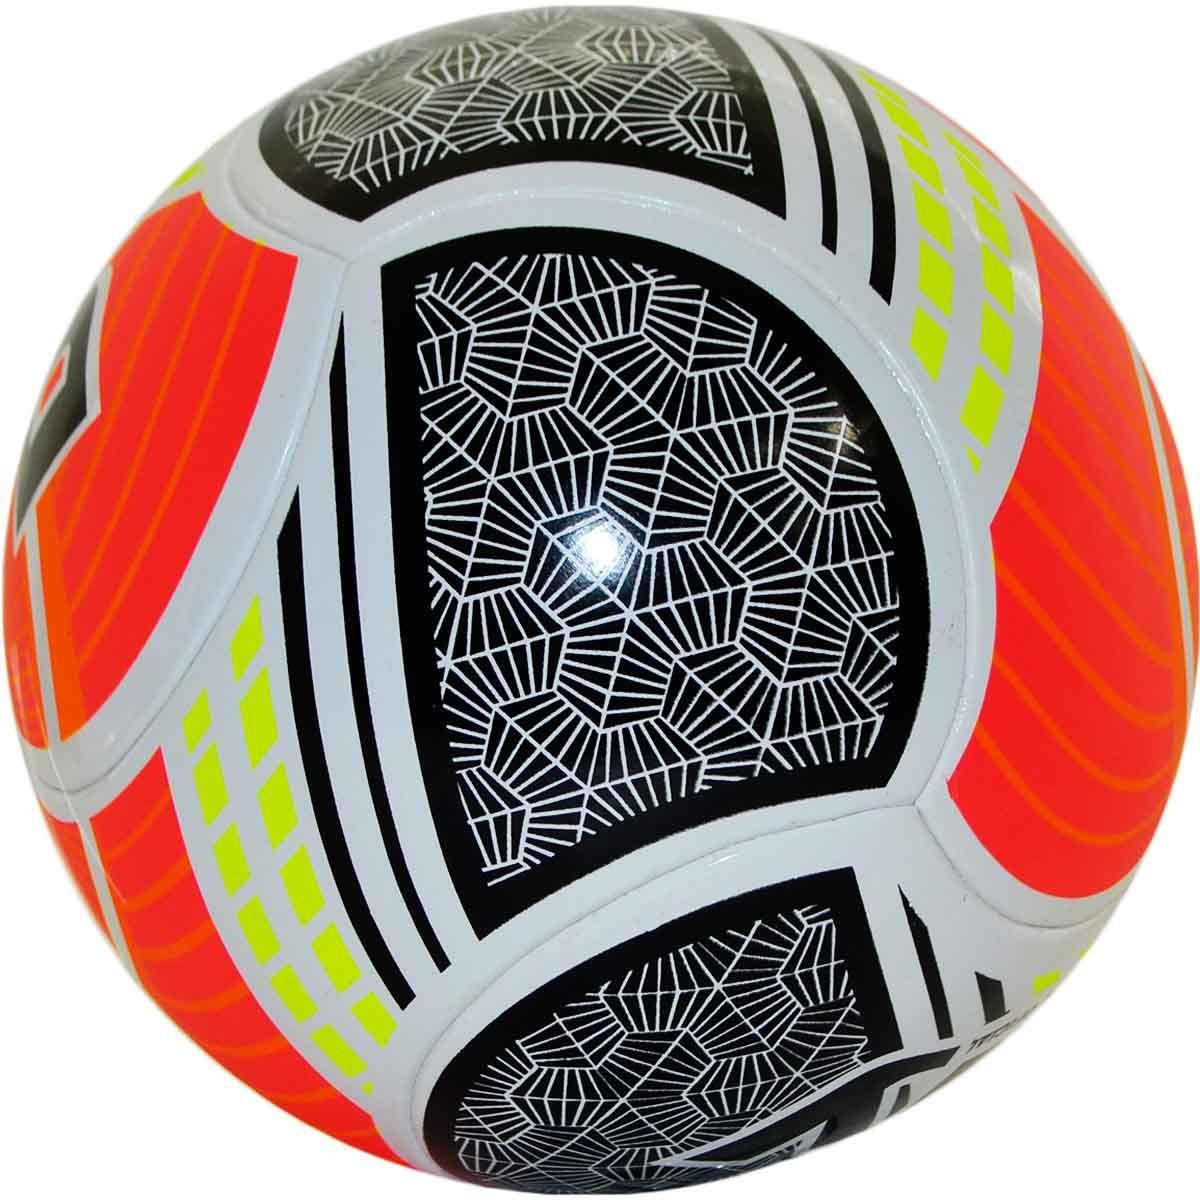 0d8a3108c0 kit c  2 bolas dray termofusion futsal pro impermeável + nf. Carregando  zoom.